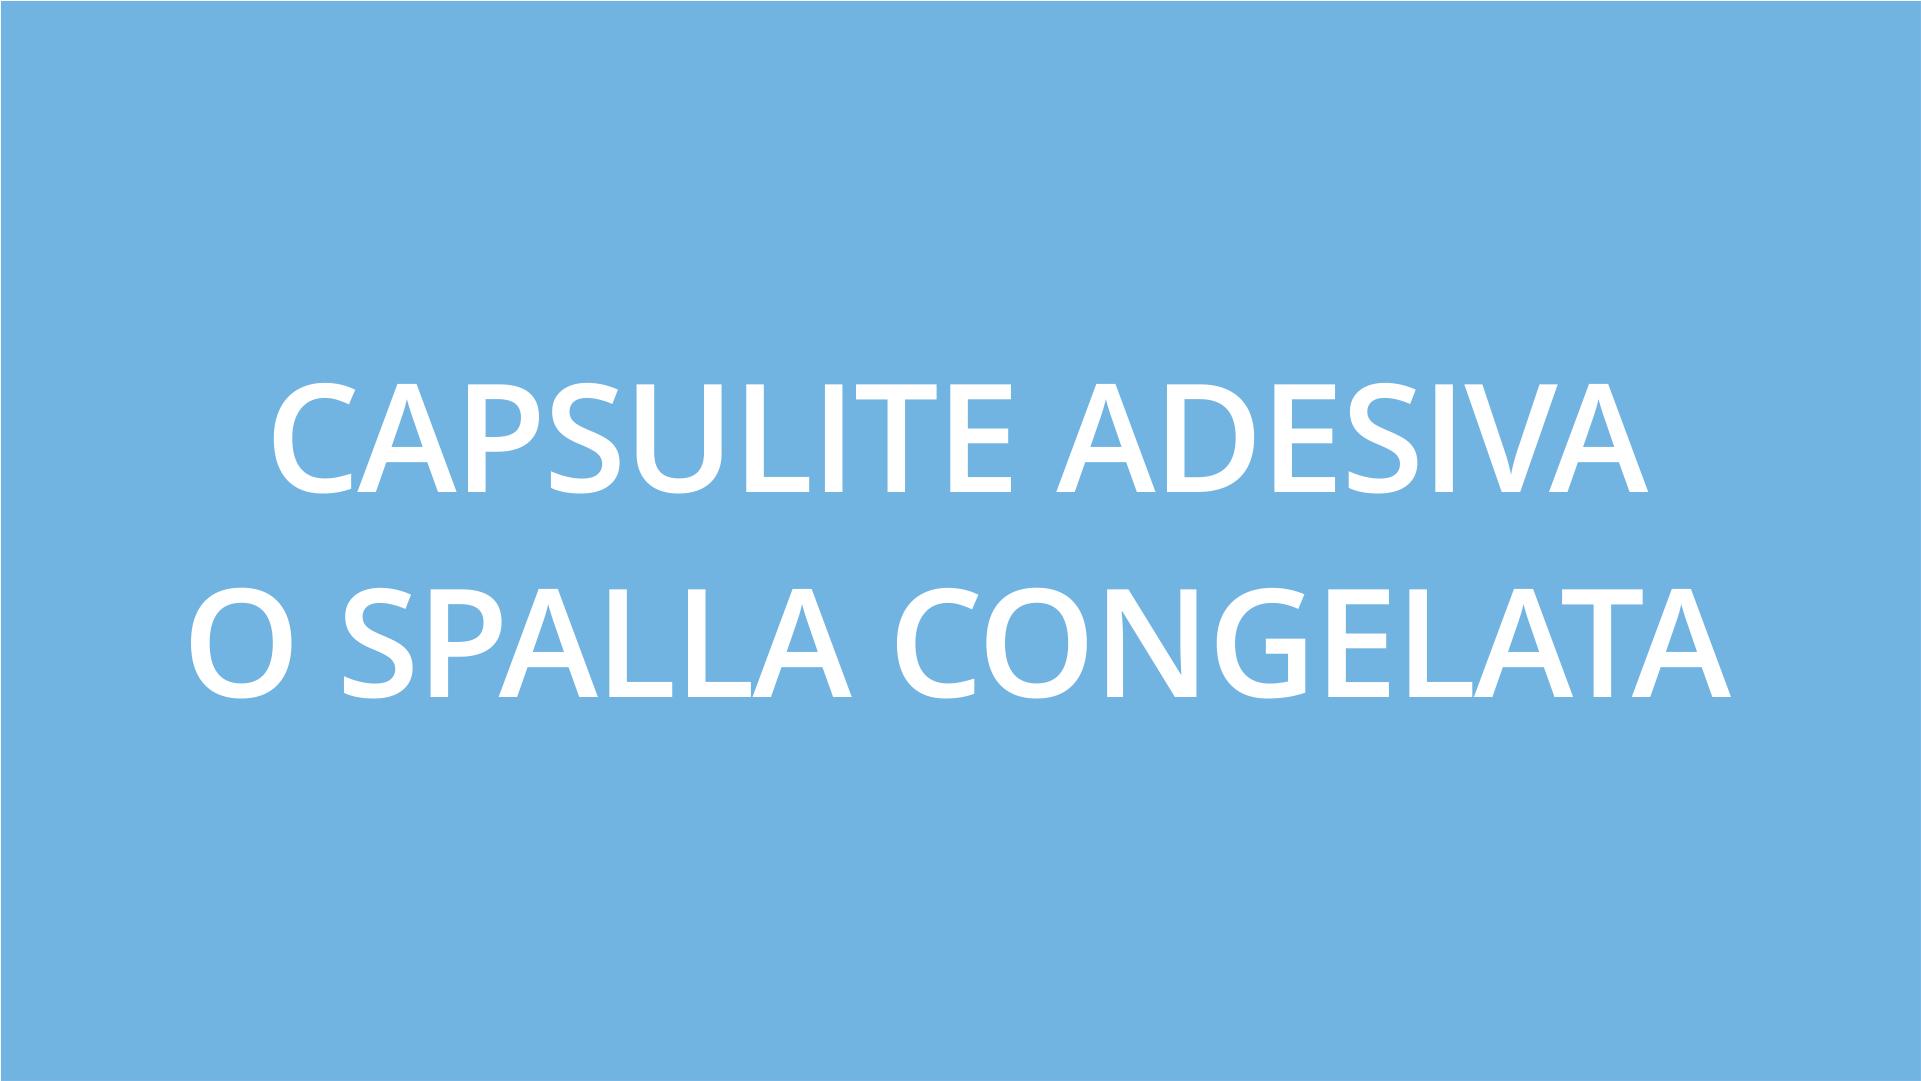 fisioterapia ughetta piacenza - capsulite adesiva o spalla congelata